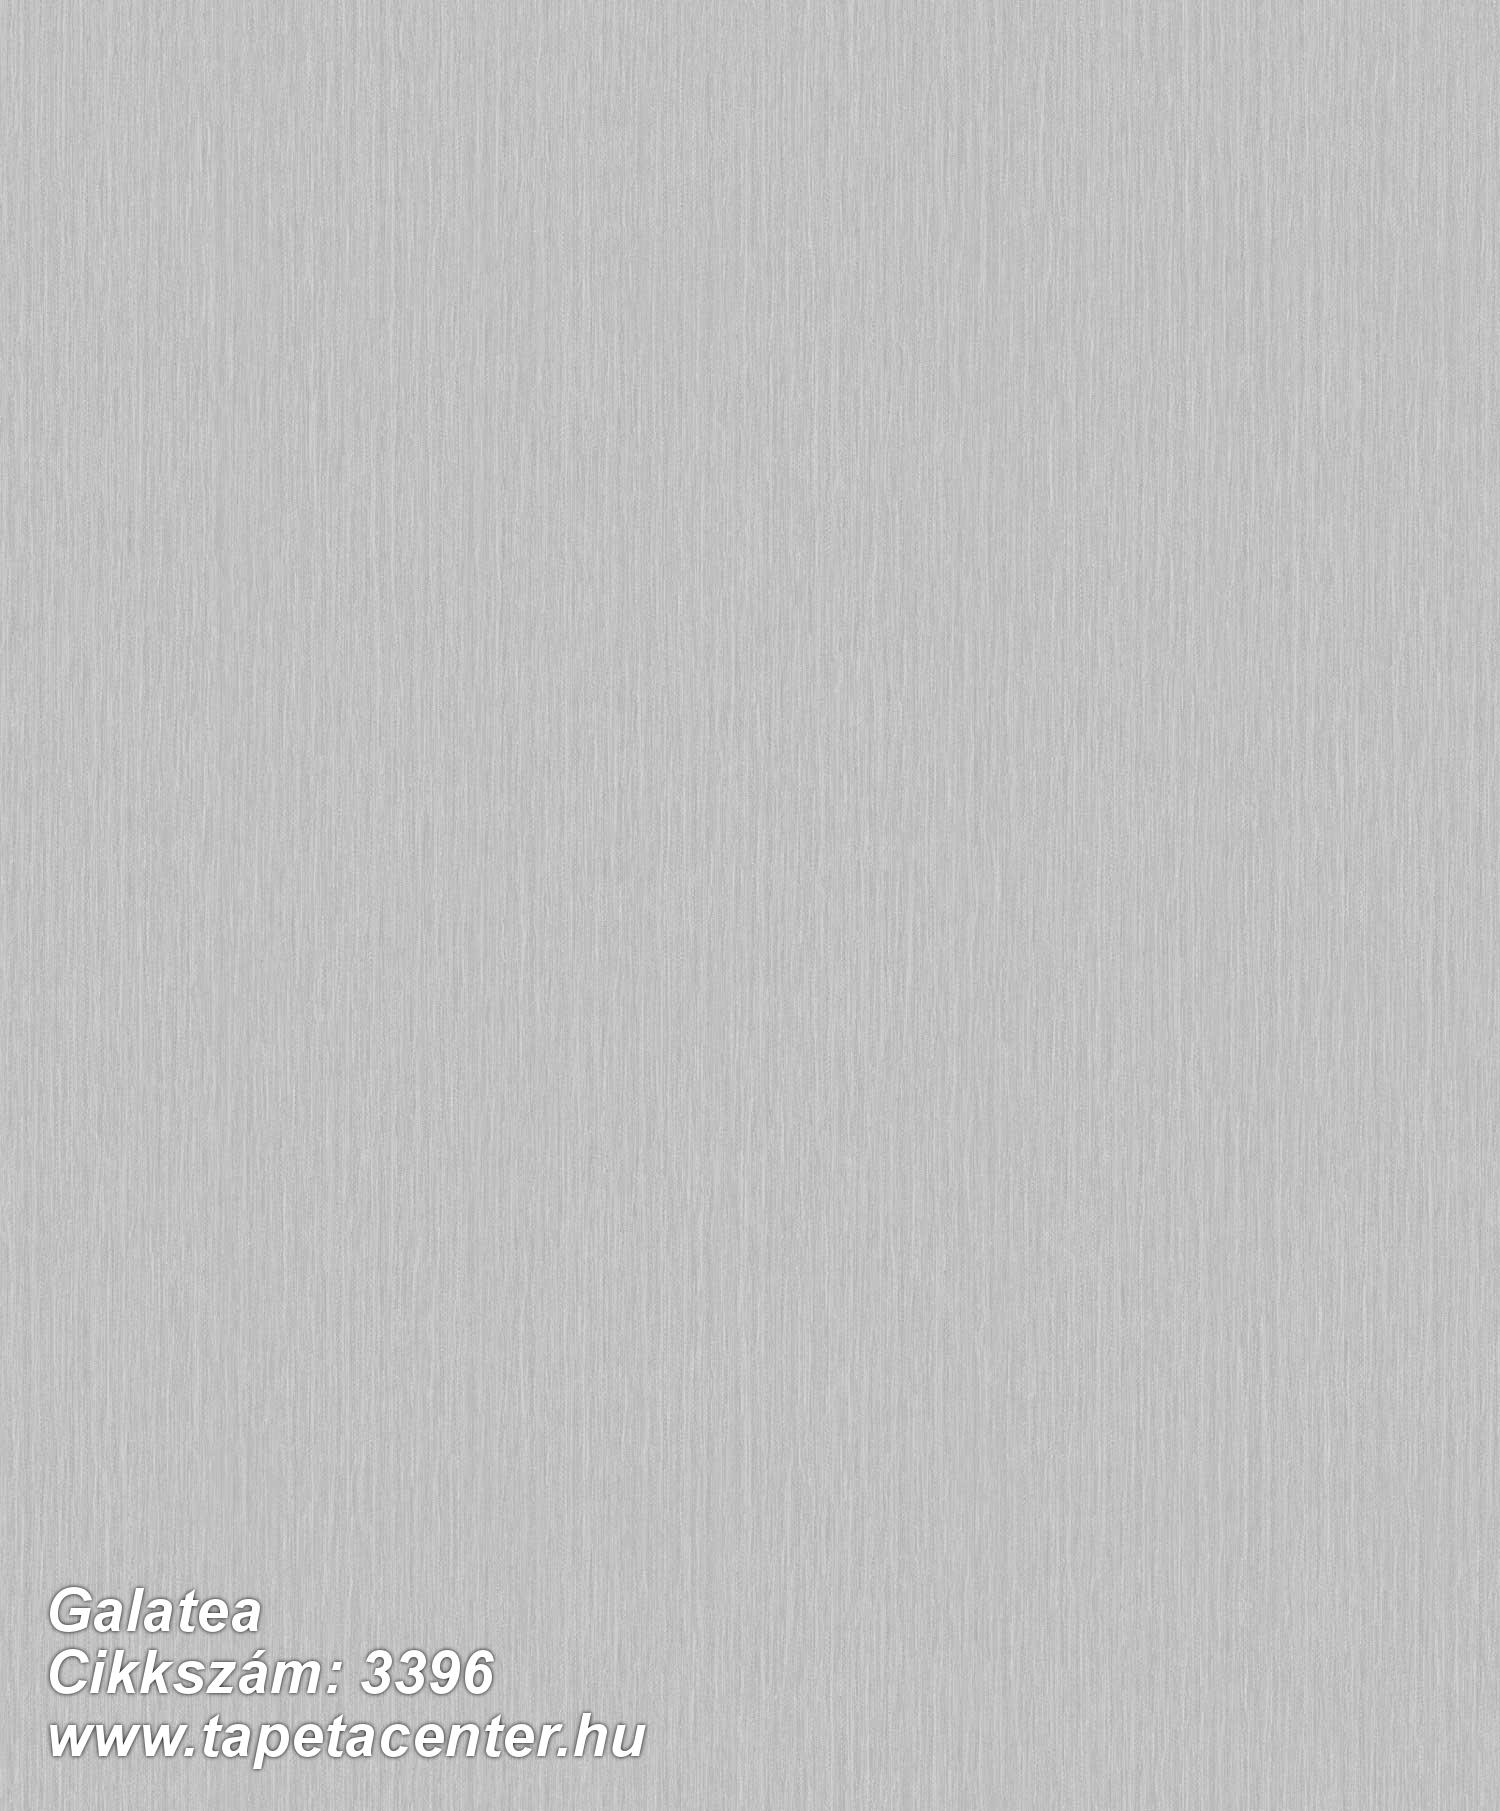 Galatea - 3396 Olasz tapéta